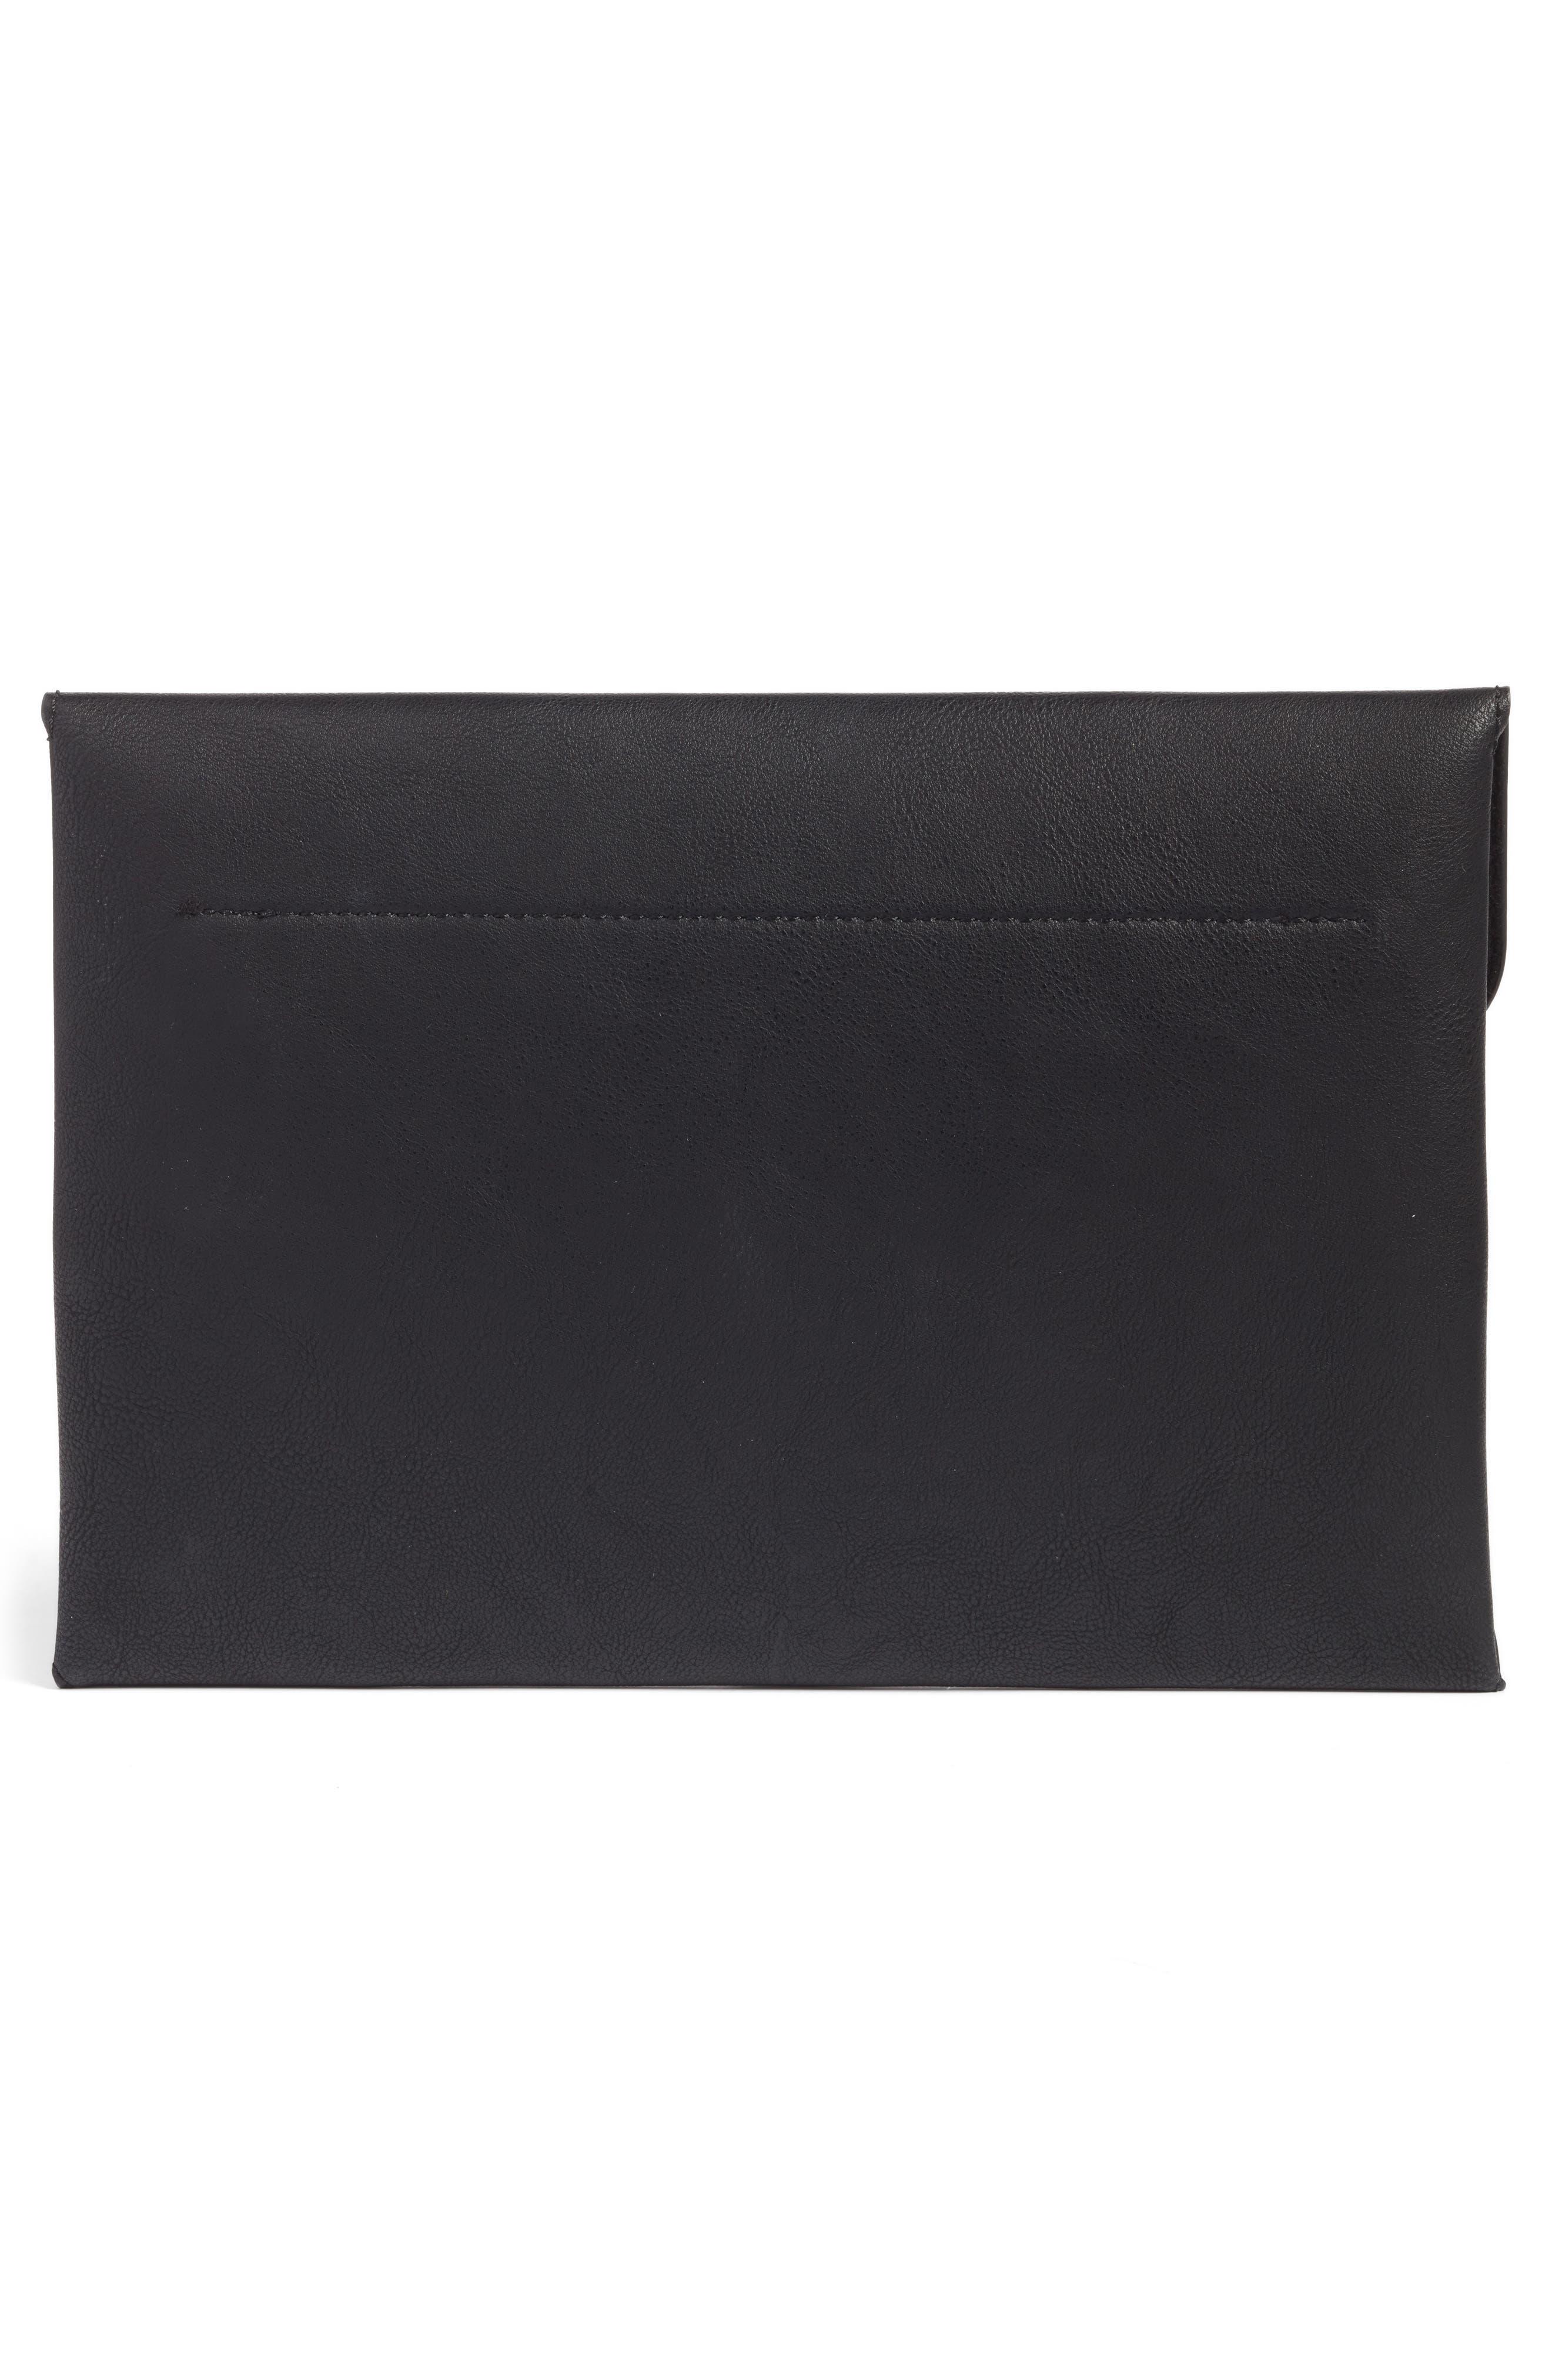 Karen Faux Leather Envelope Clutch,                             Alternate thumbnail 3, color,                             001